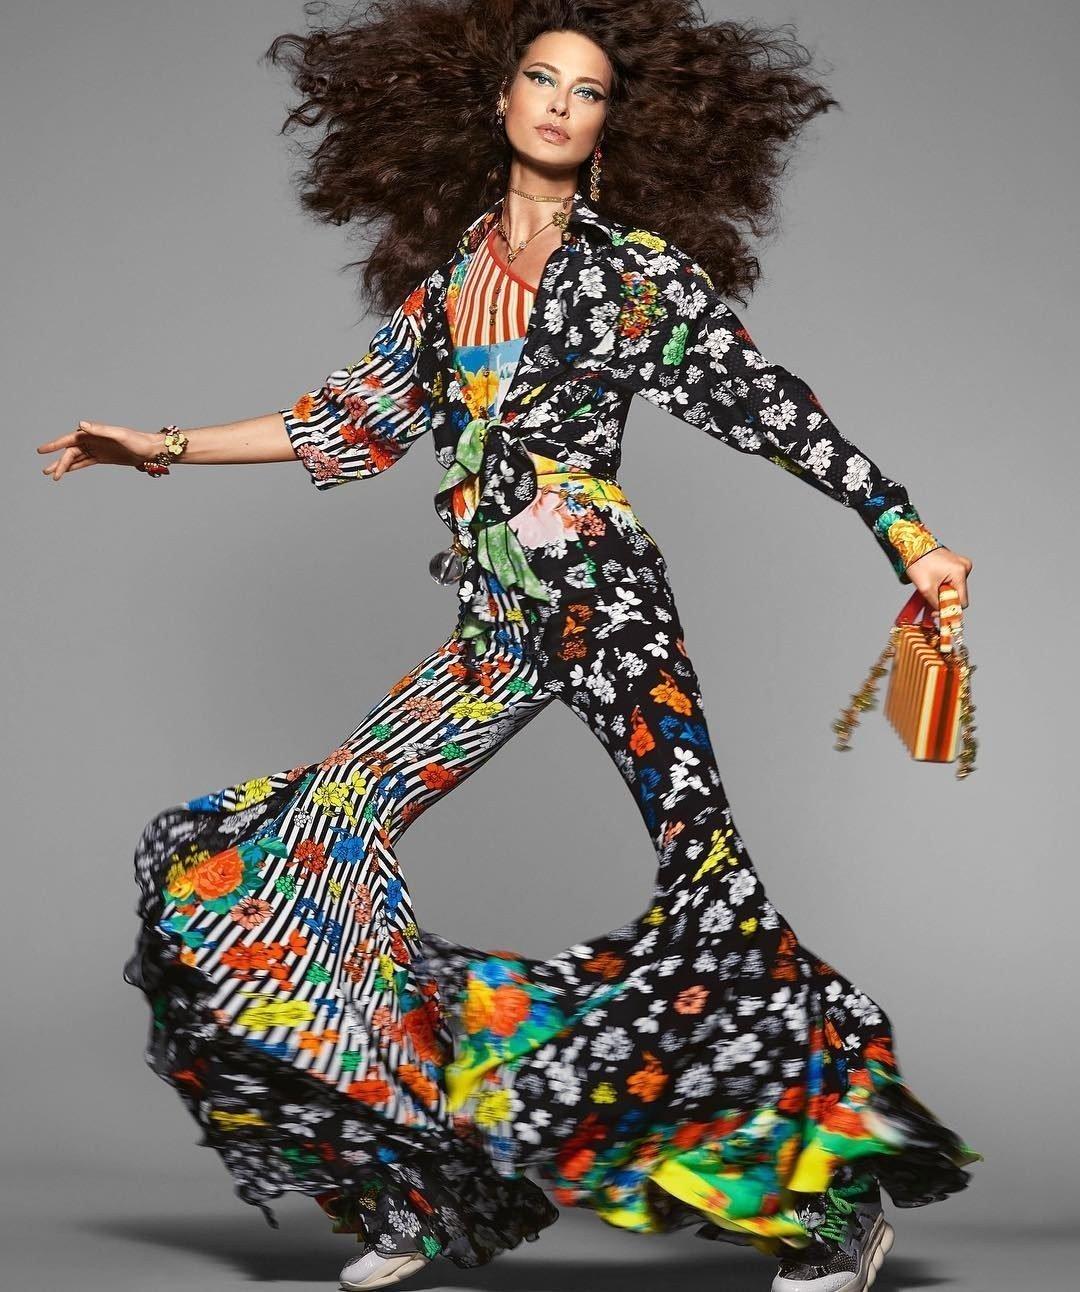 1b8b6206c1 Shalom Harlow.. a real supermodel! – Constantina Evripidou